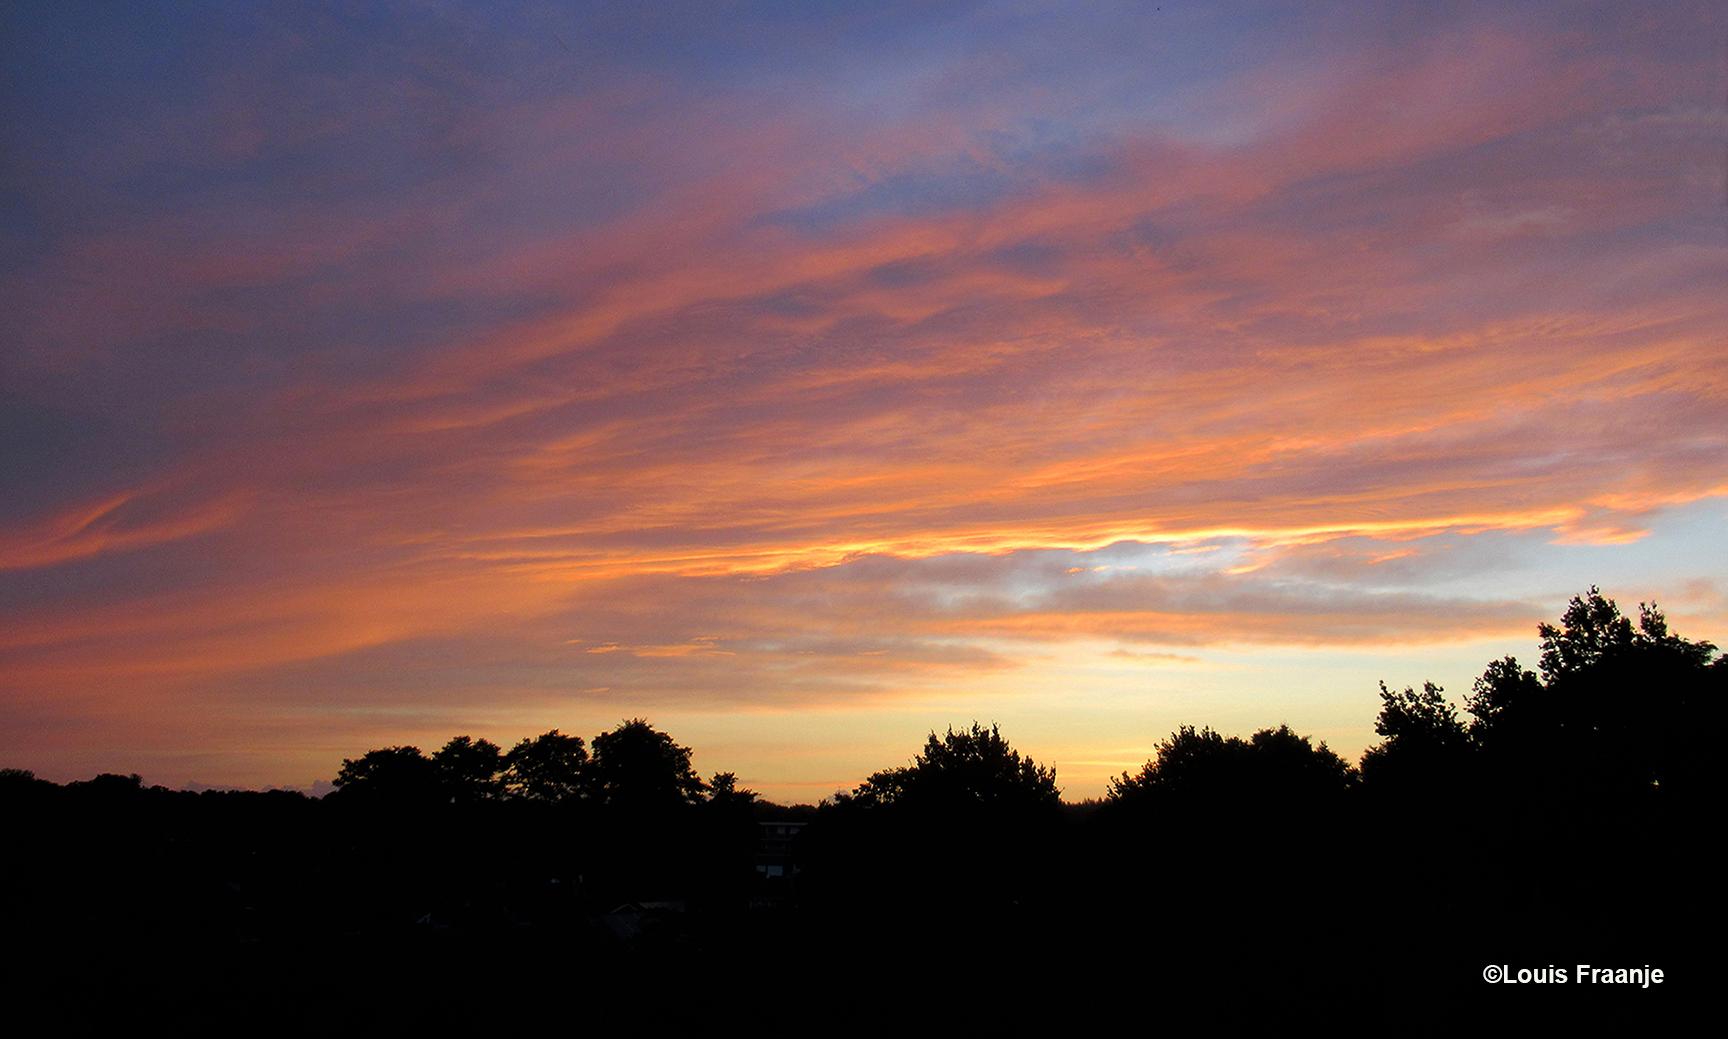 Zo'n hemel vol met kleuren, blijft een prachtig schouwspel - Foto: ©Louis Fraanje